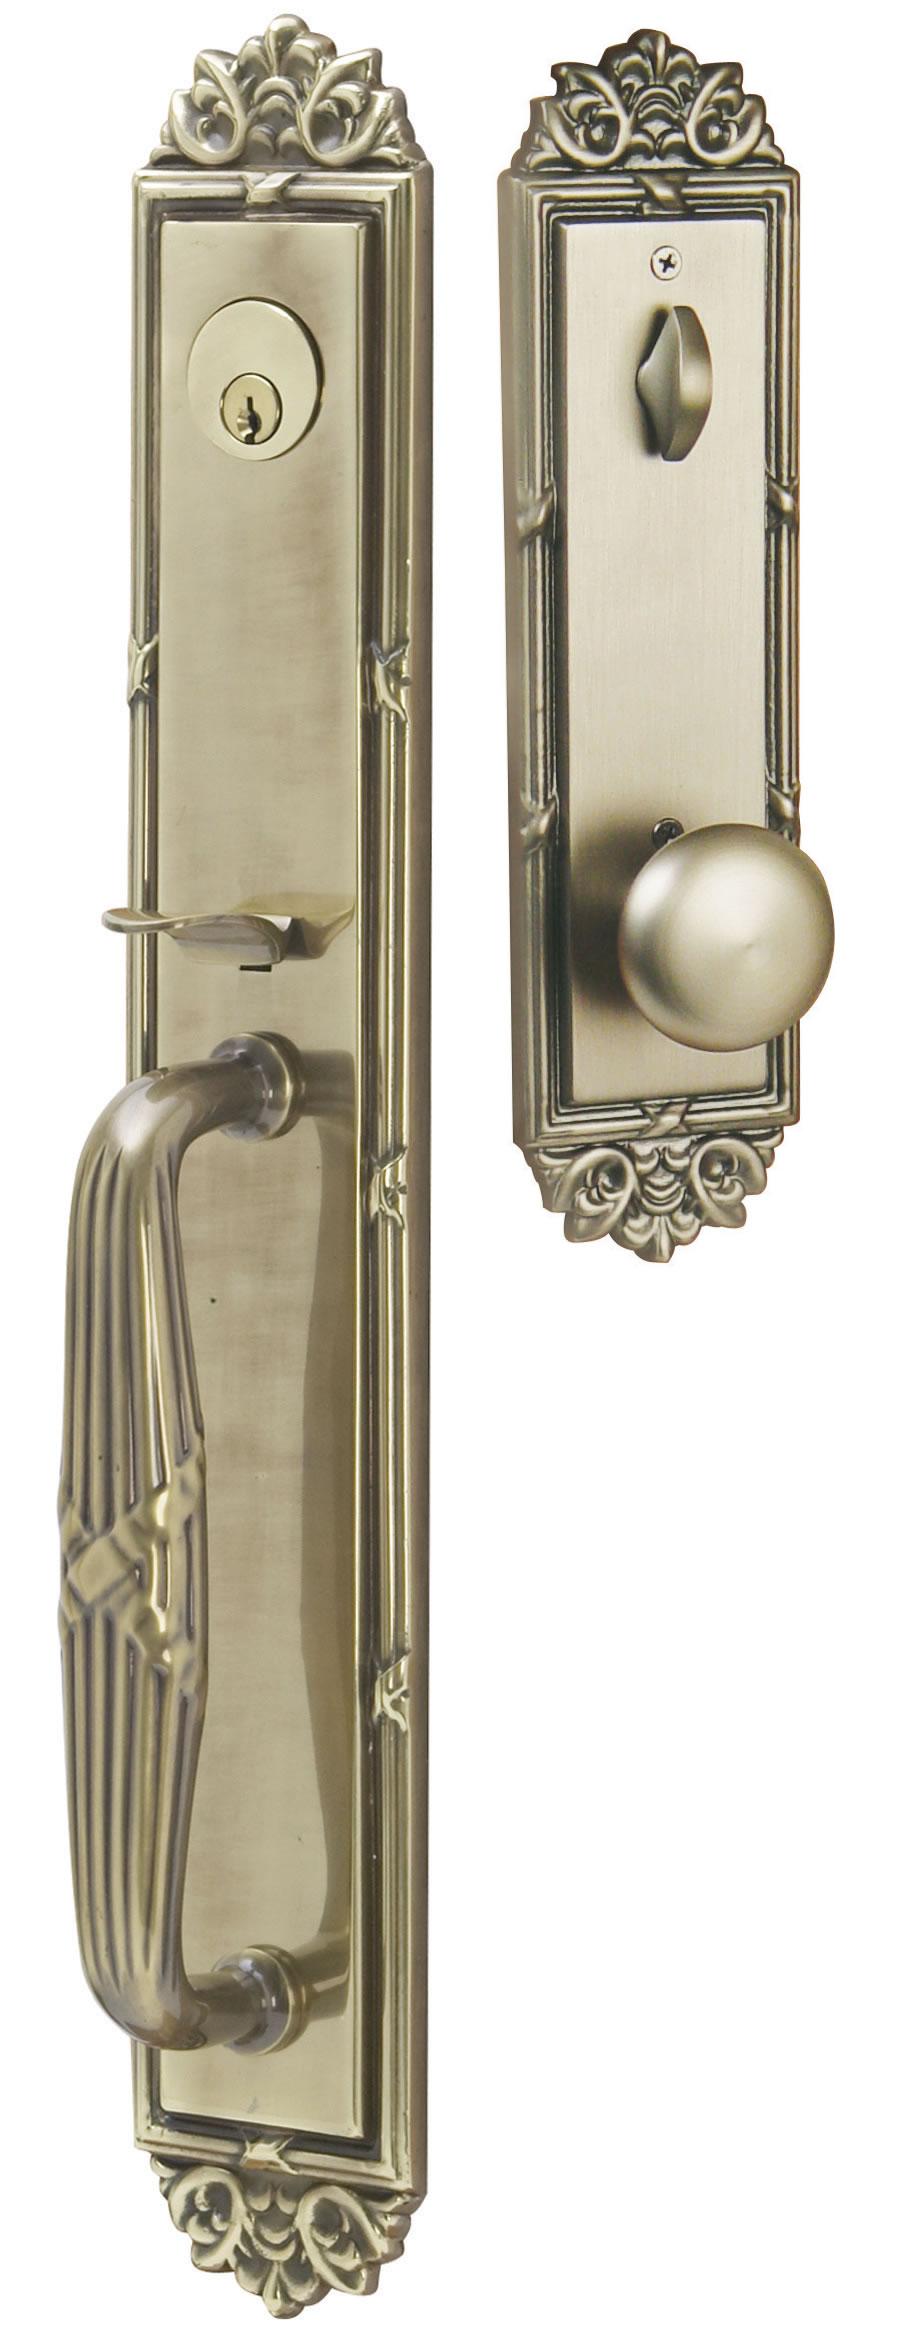 Emtek door hardware emtek imperial entrance handleset for Entry hardware